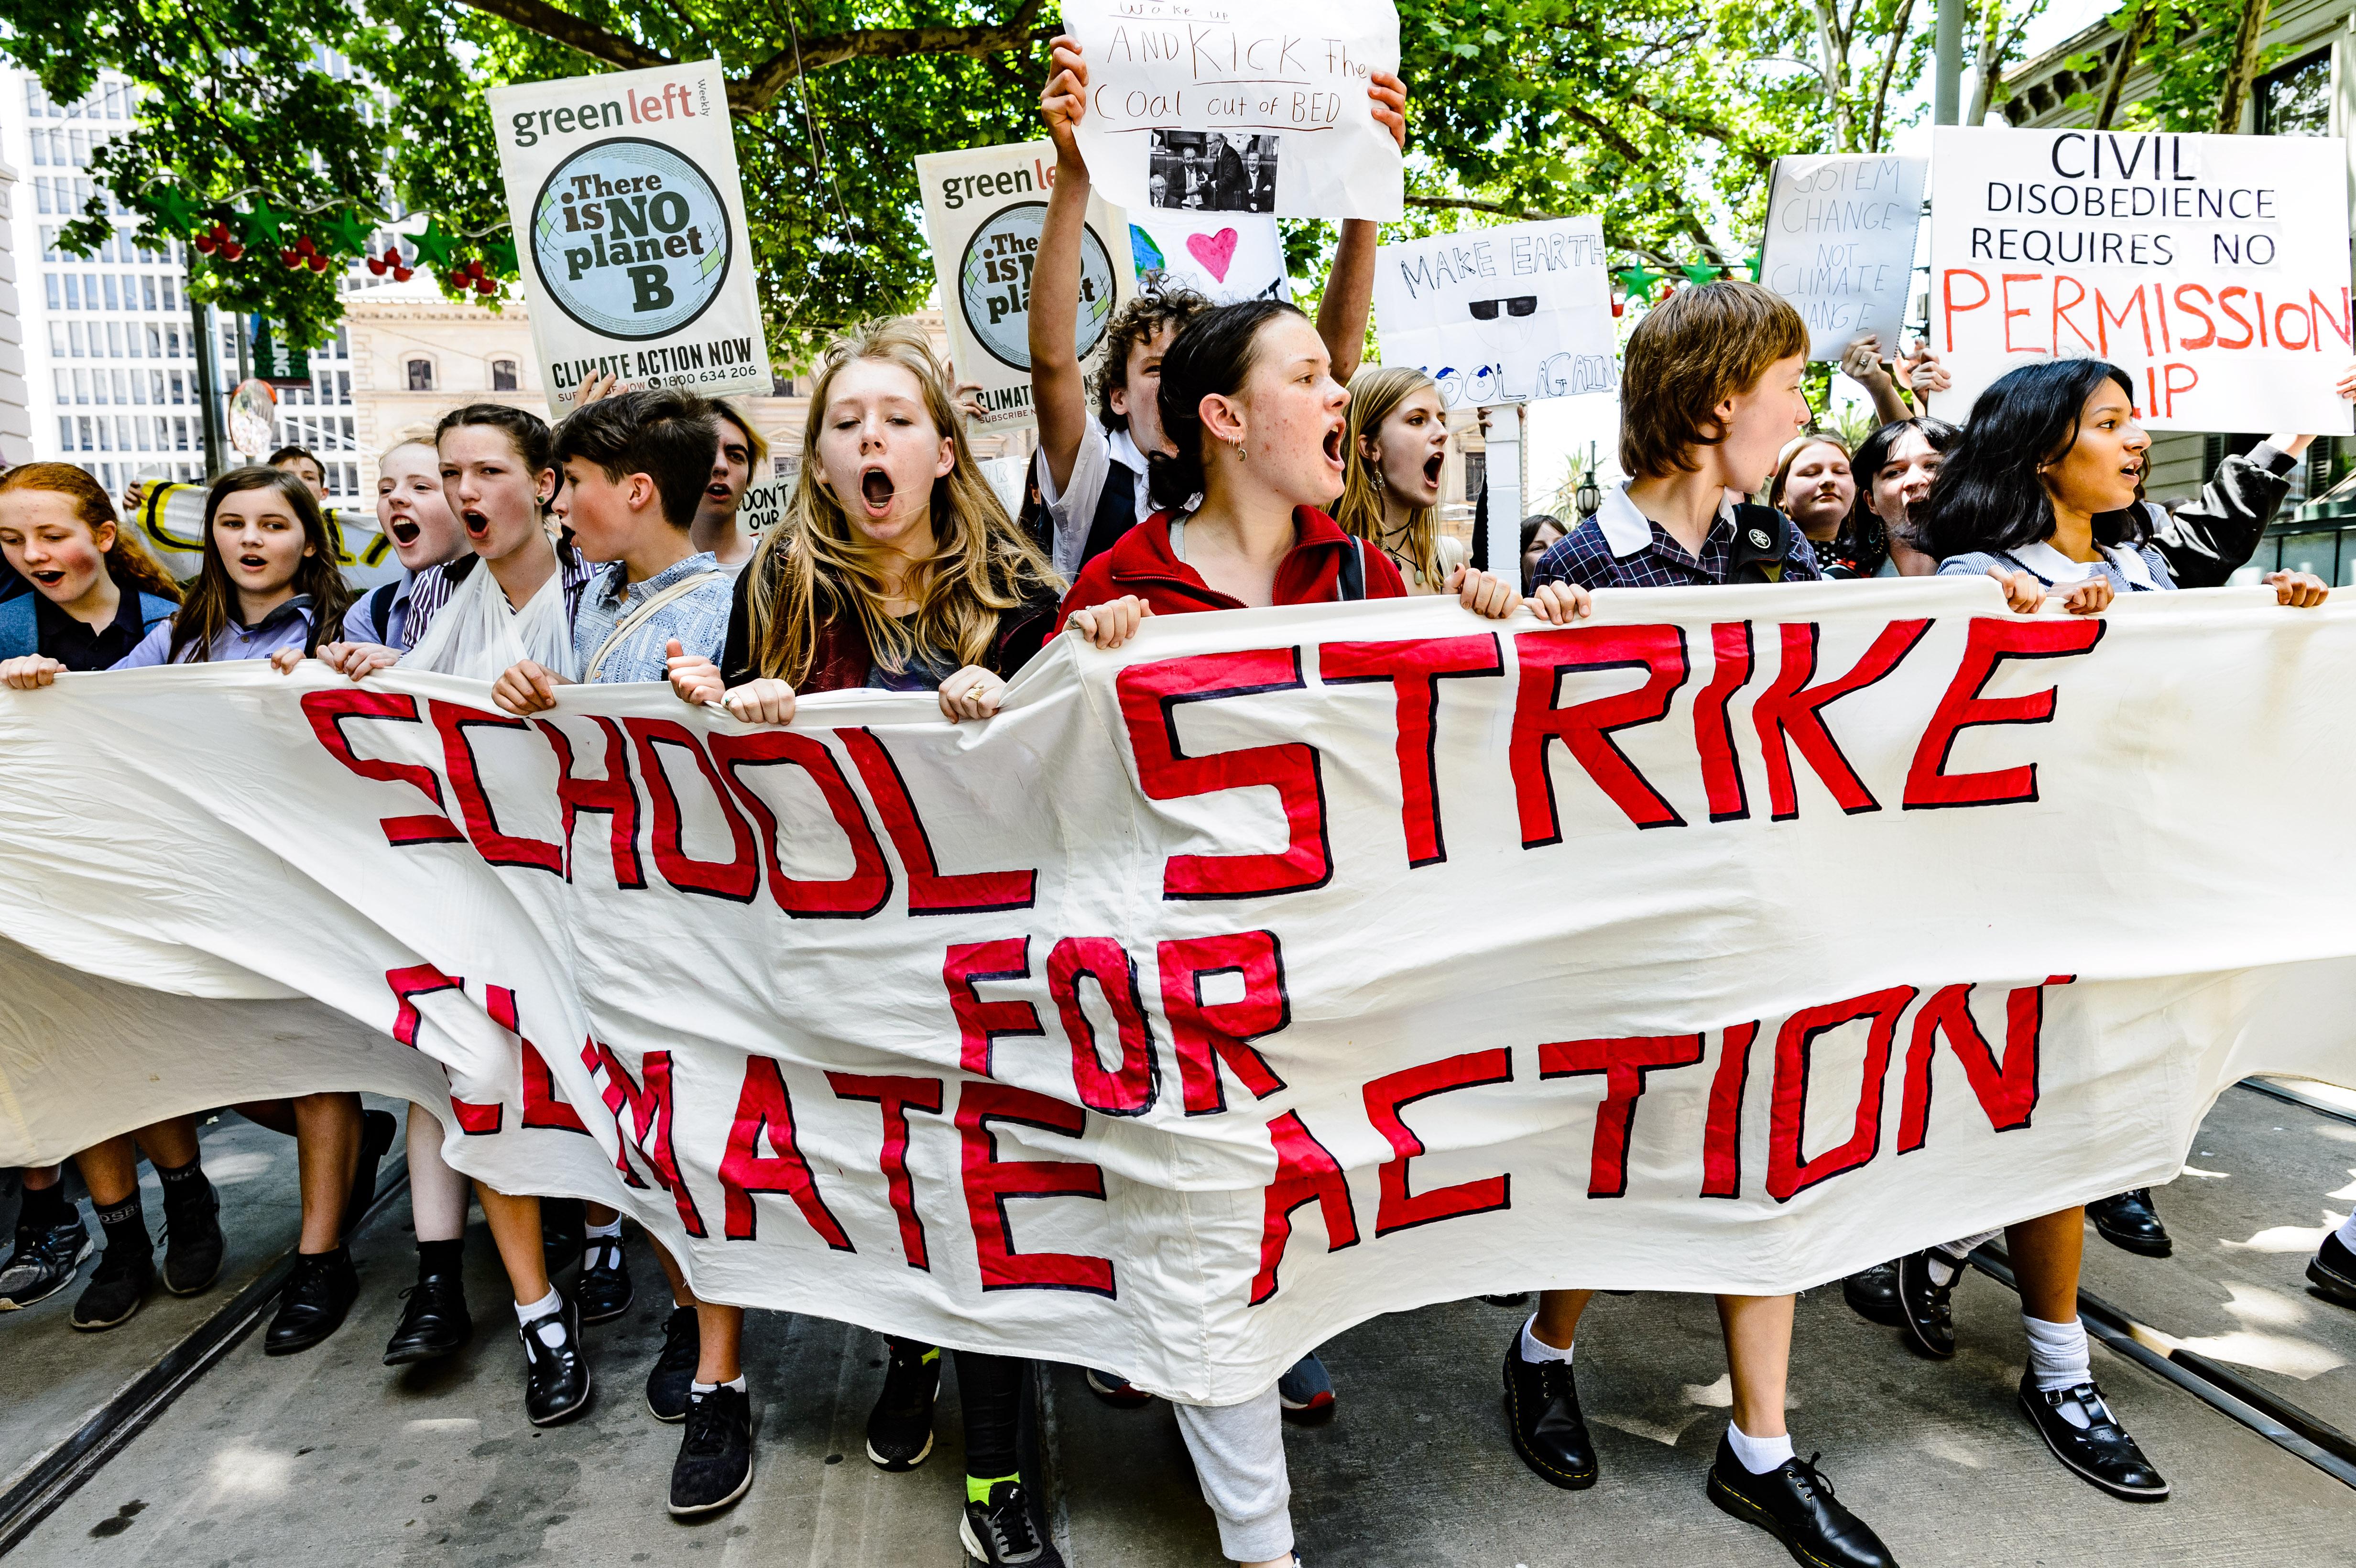 밴쿠버 교육청 '국제 기후 파업' 참여 학생 결석 허용